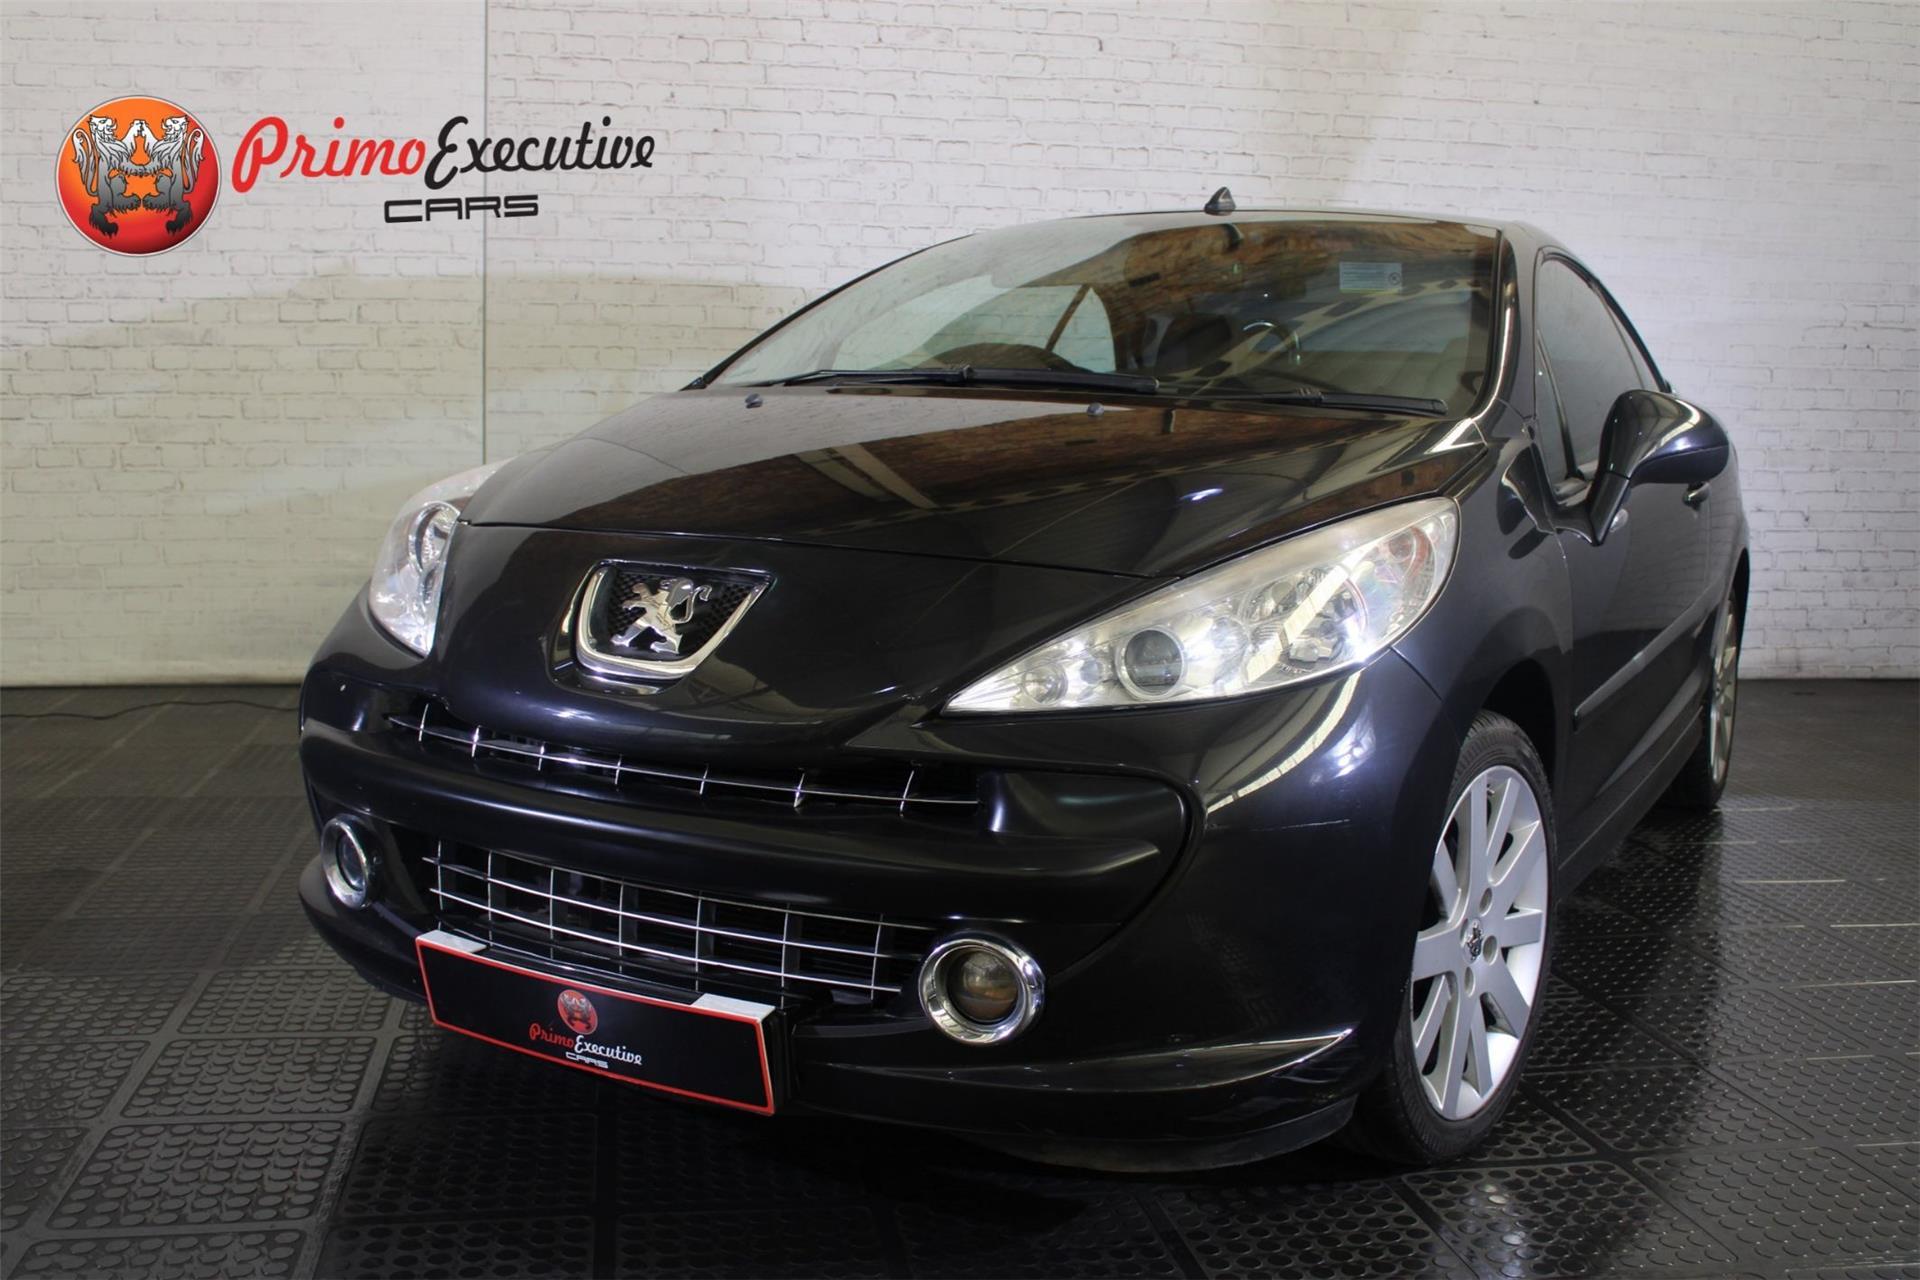 Peugeot 207cc 1.6 16v VTi